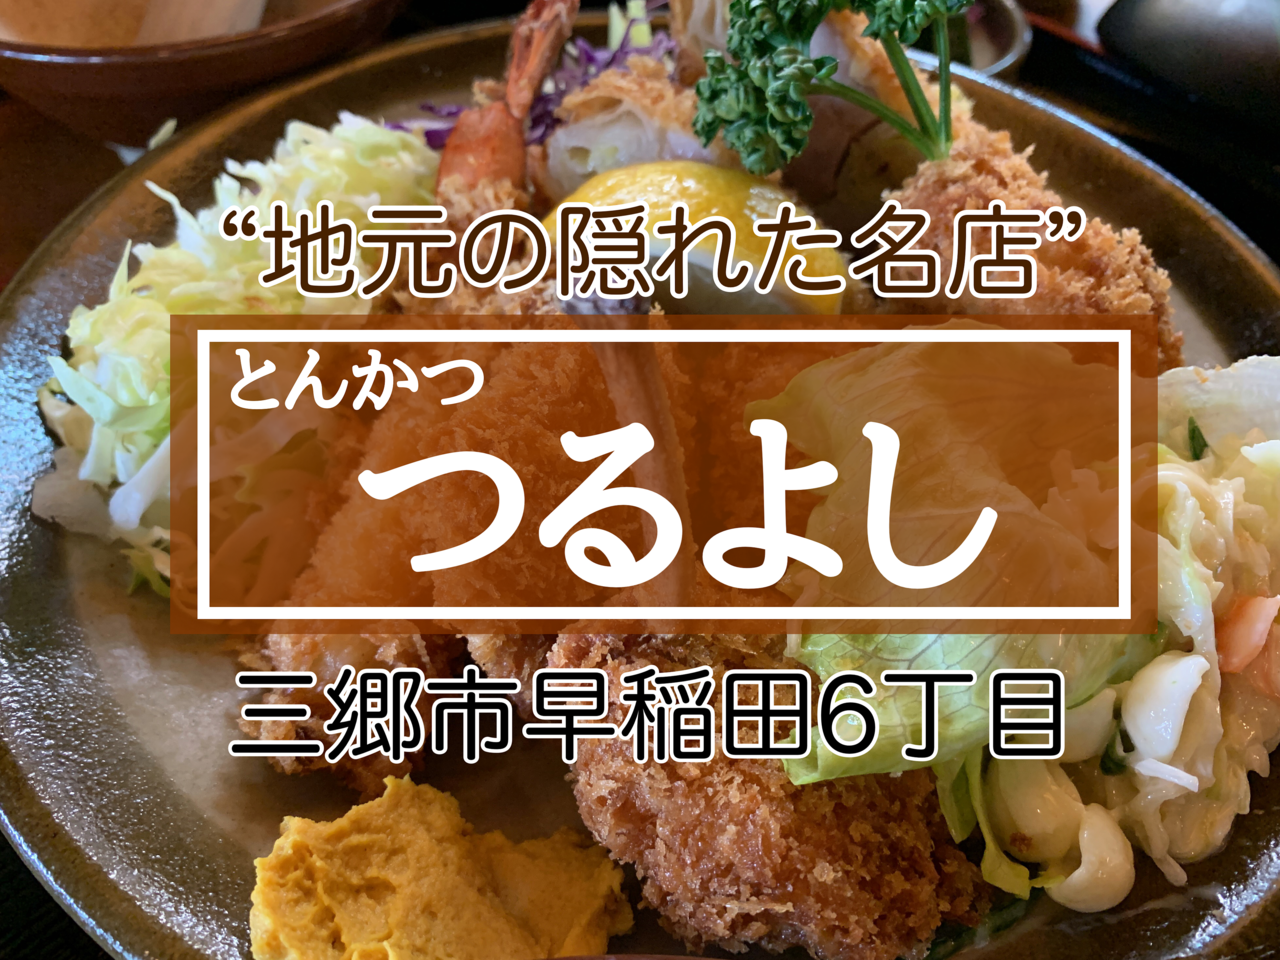 【三郷市食べ歩きブログ】三郷市早稲田6丁目のとんかつ「つるよし」に行ってきました♪